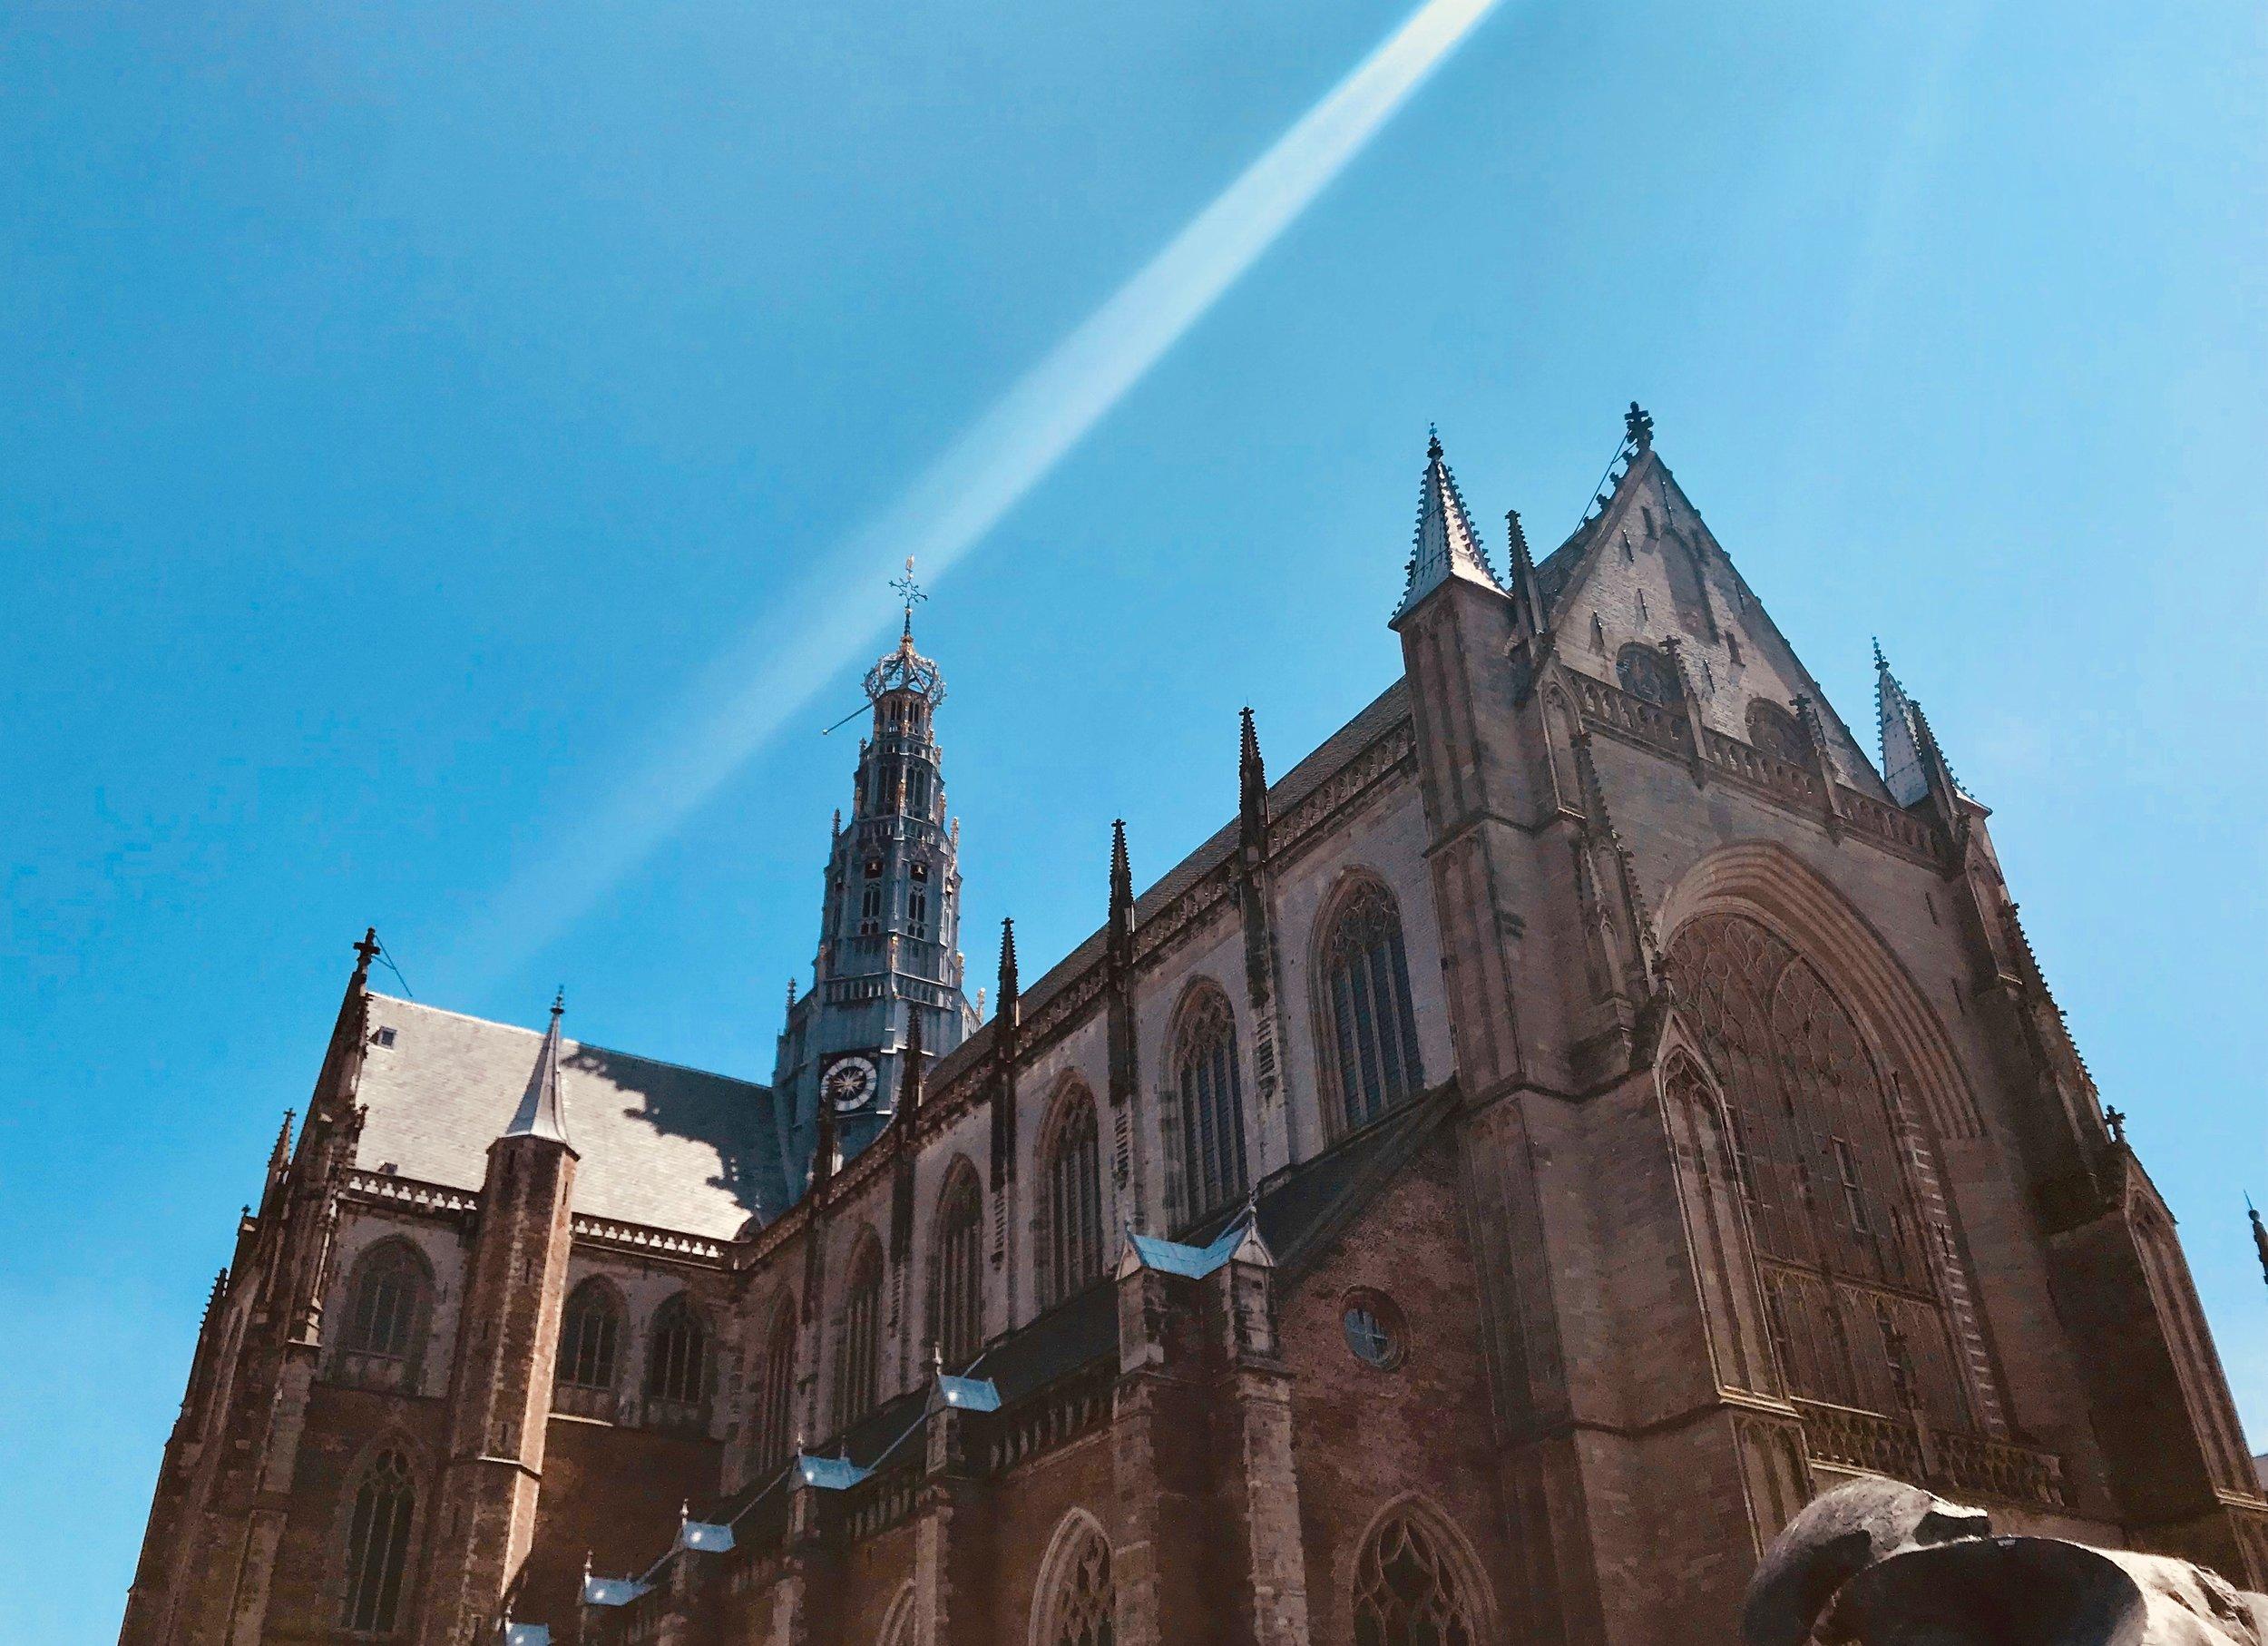 St-Bavokerk, Haarlem